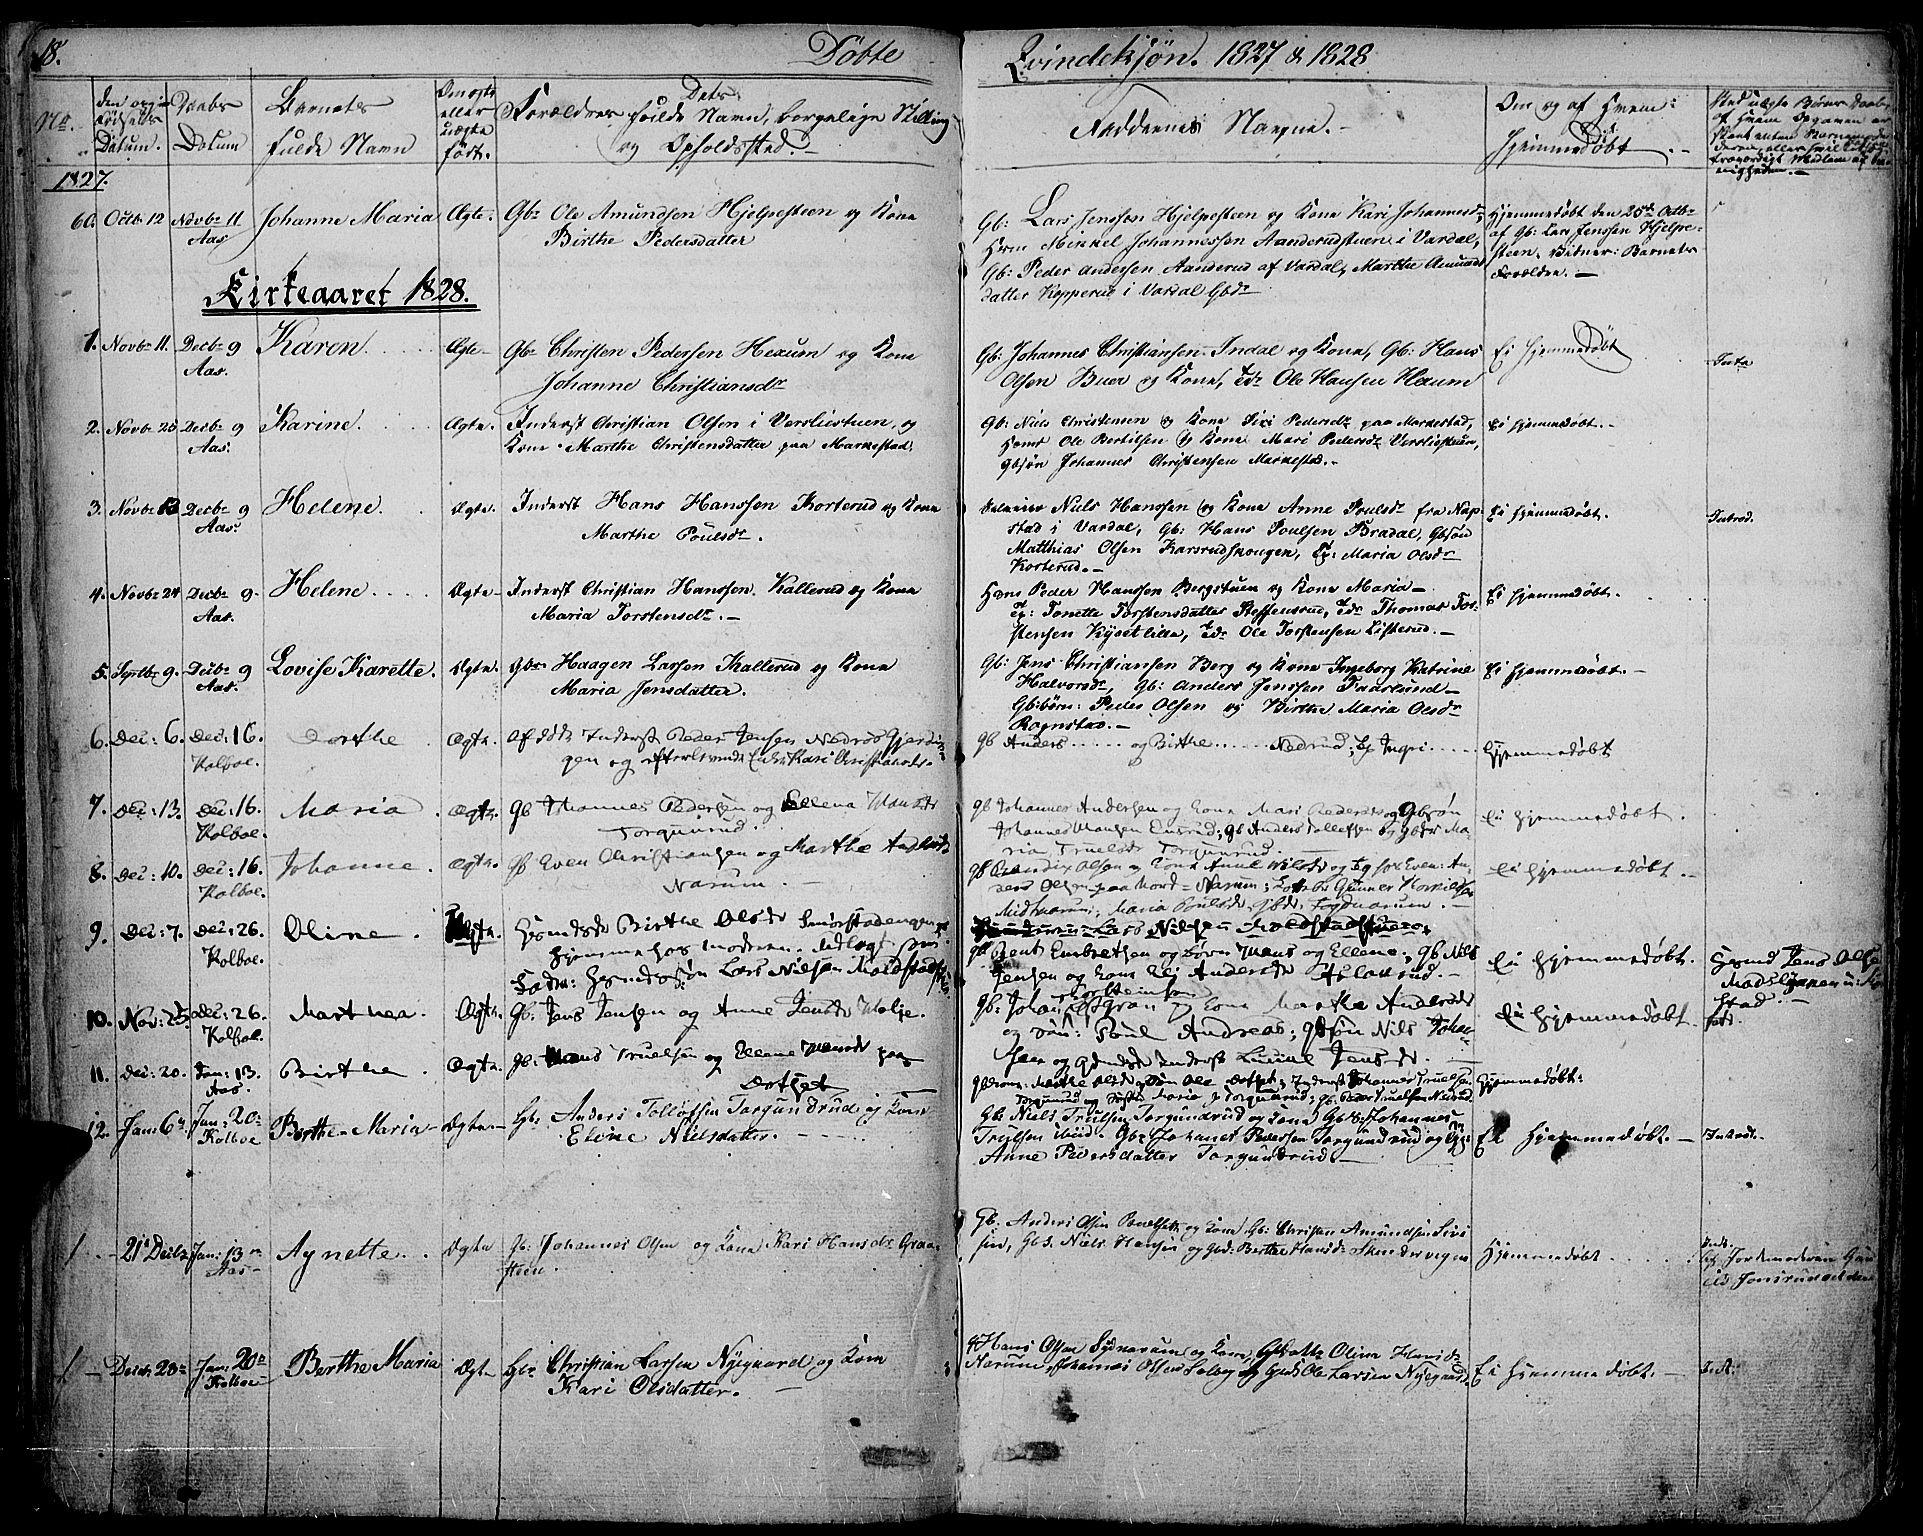 SAH, Vestre Toten prestekontor, Ministerialbok nr. 2, 1825-1837, s. 18